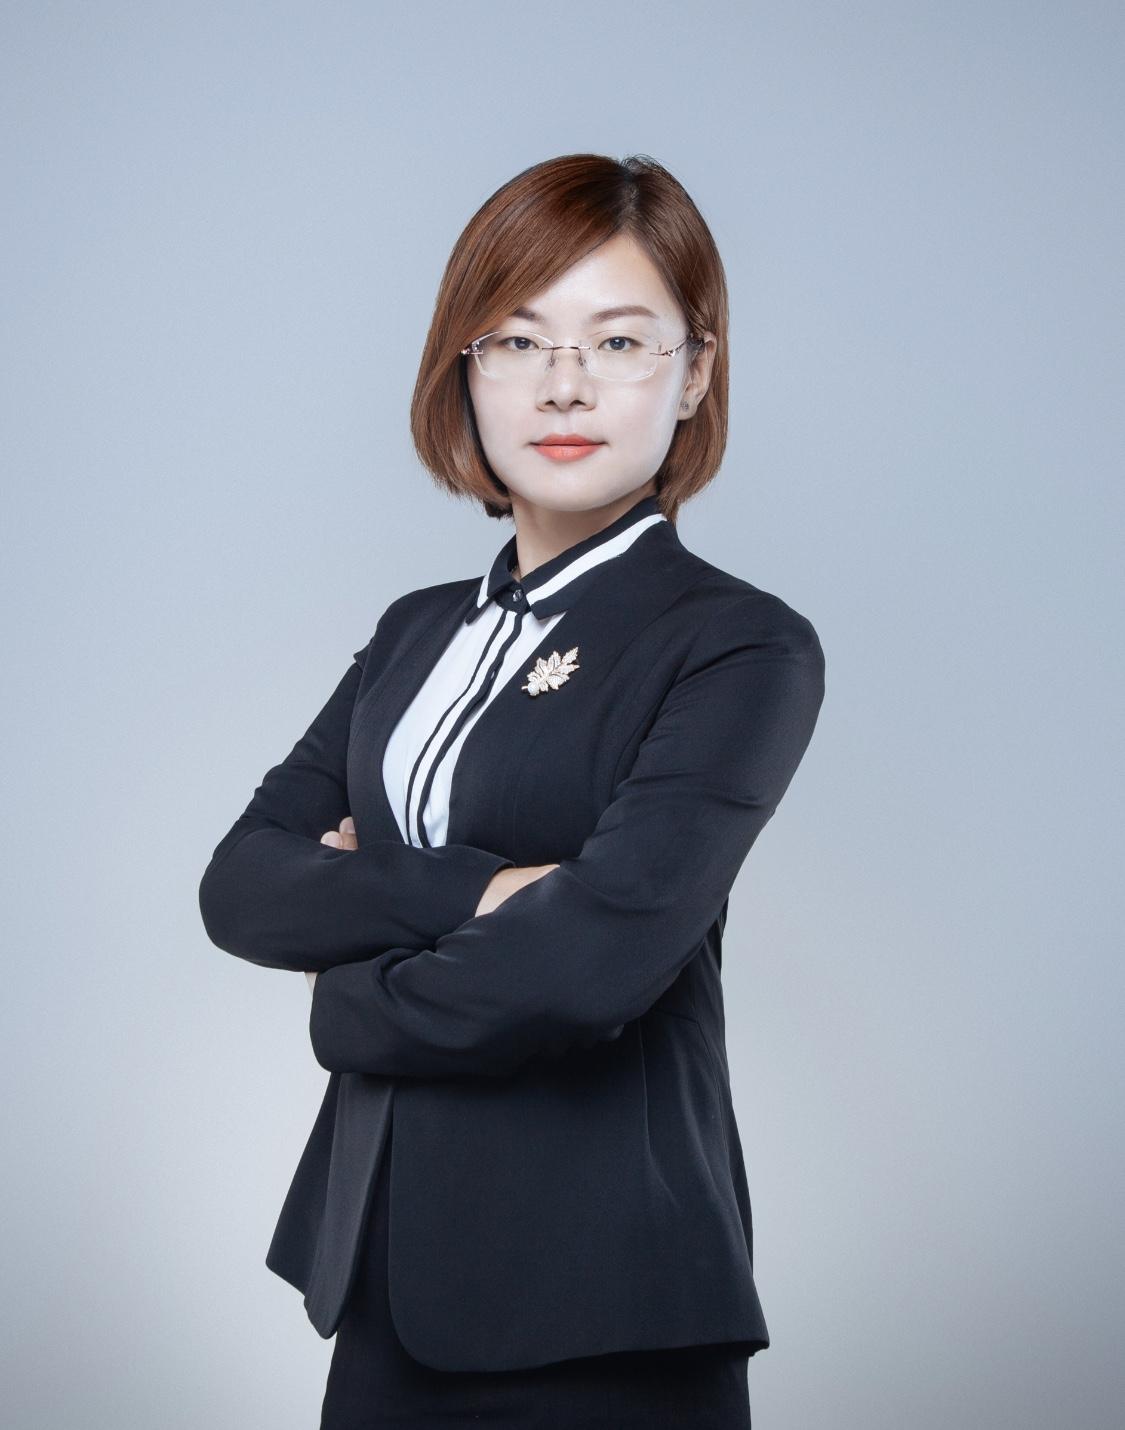 主办律师—靳海燕